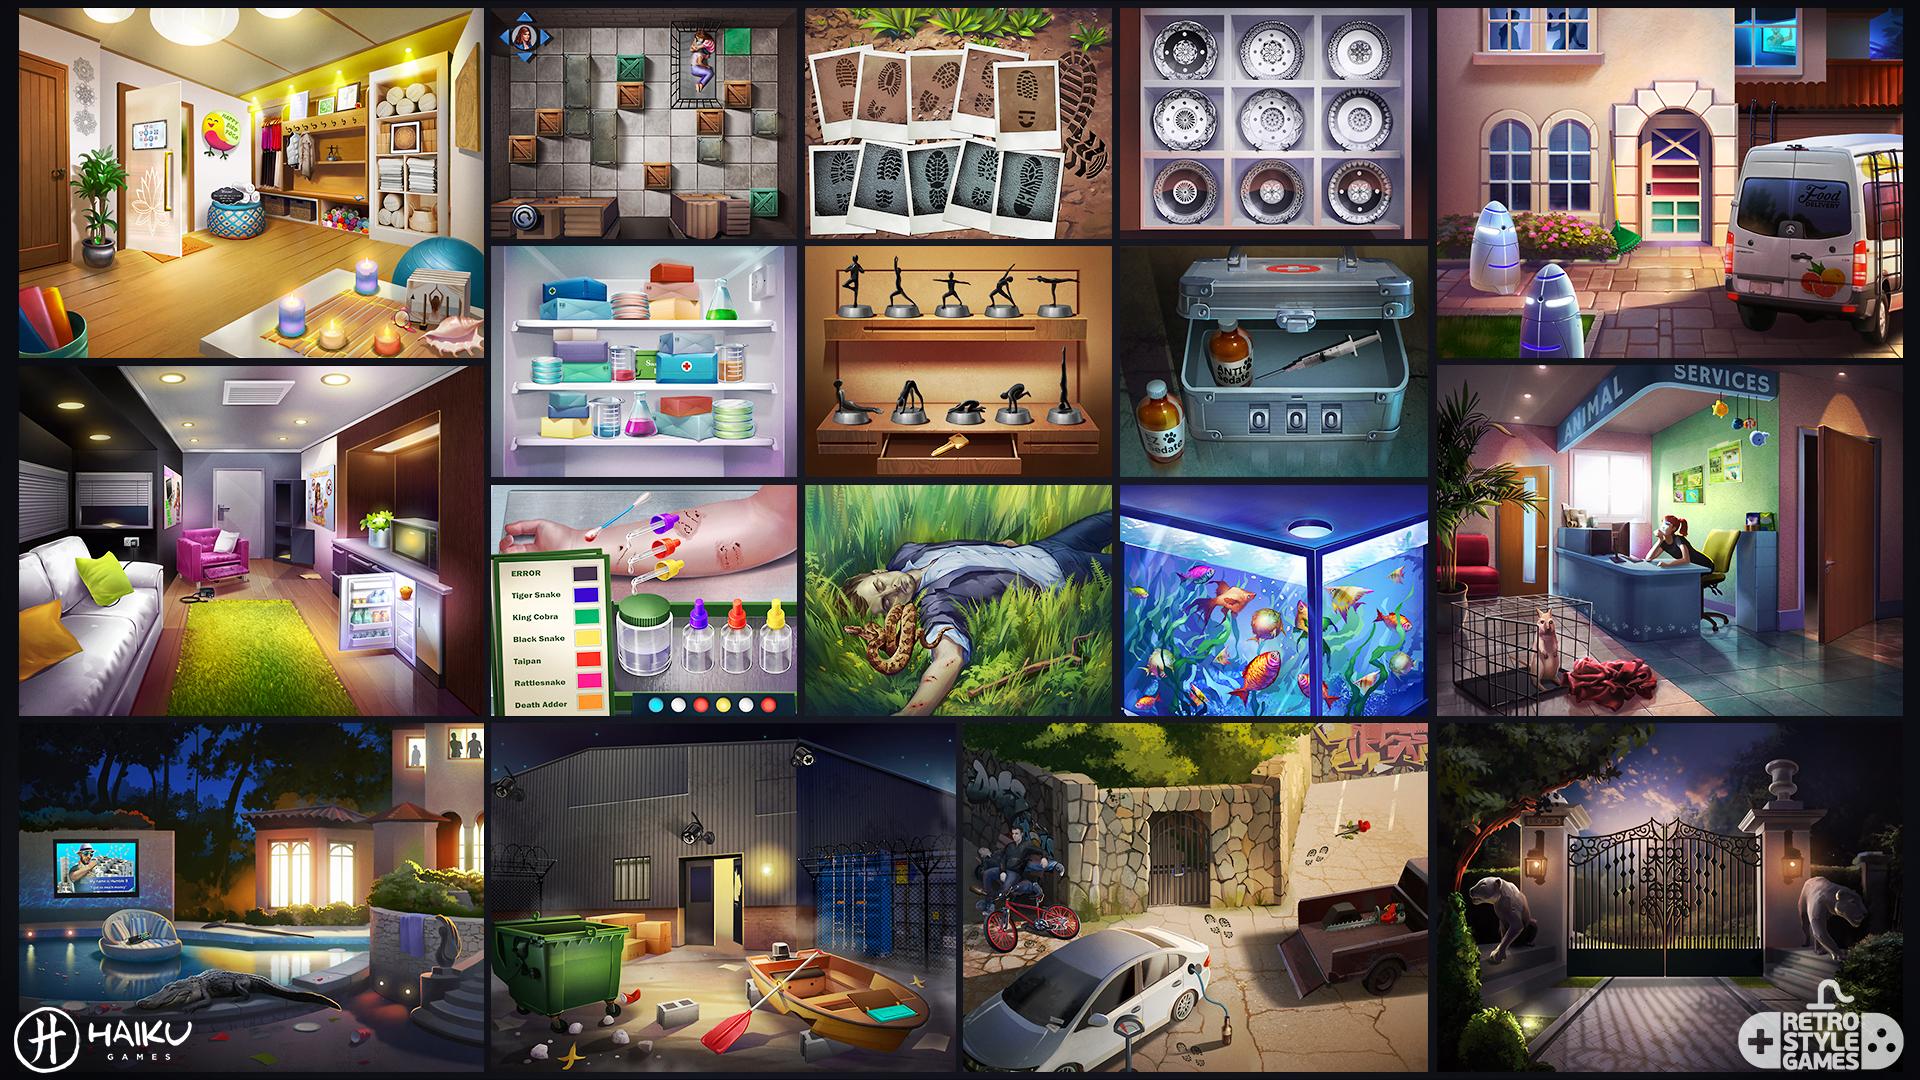 HAIKU Star Struck Adventure Escape full art sheet 2 backgrounds